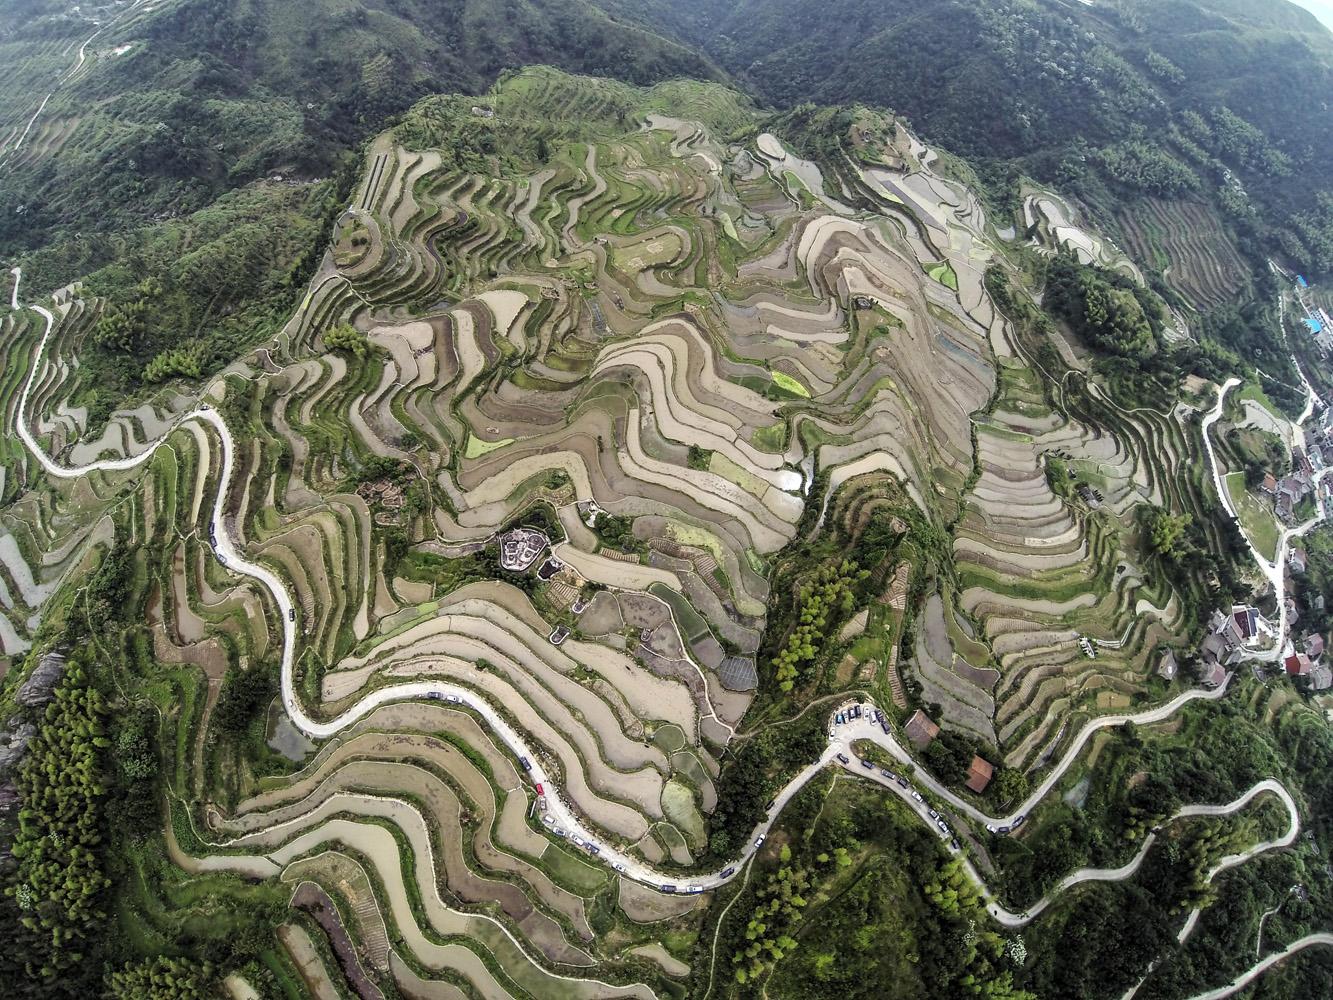 May 29, 2014. Terraced fields in Xiaozhoushan Township of Qingtian County, east China's Zhejiang Province.